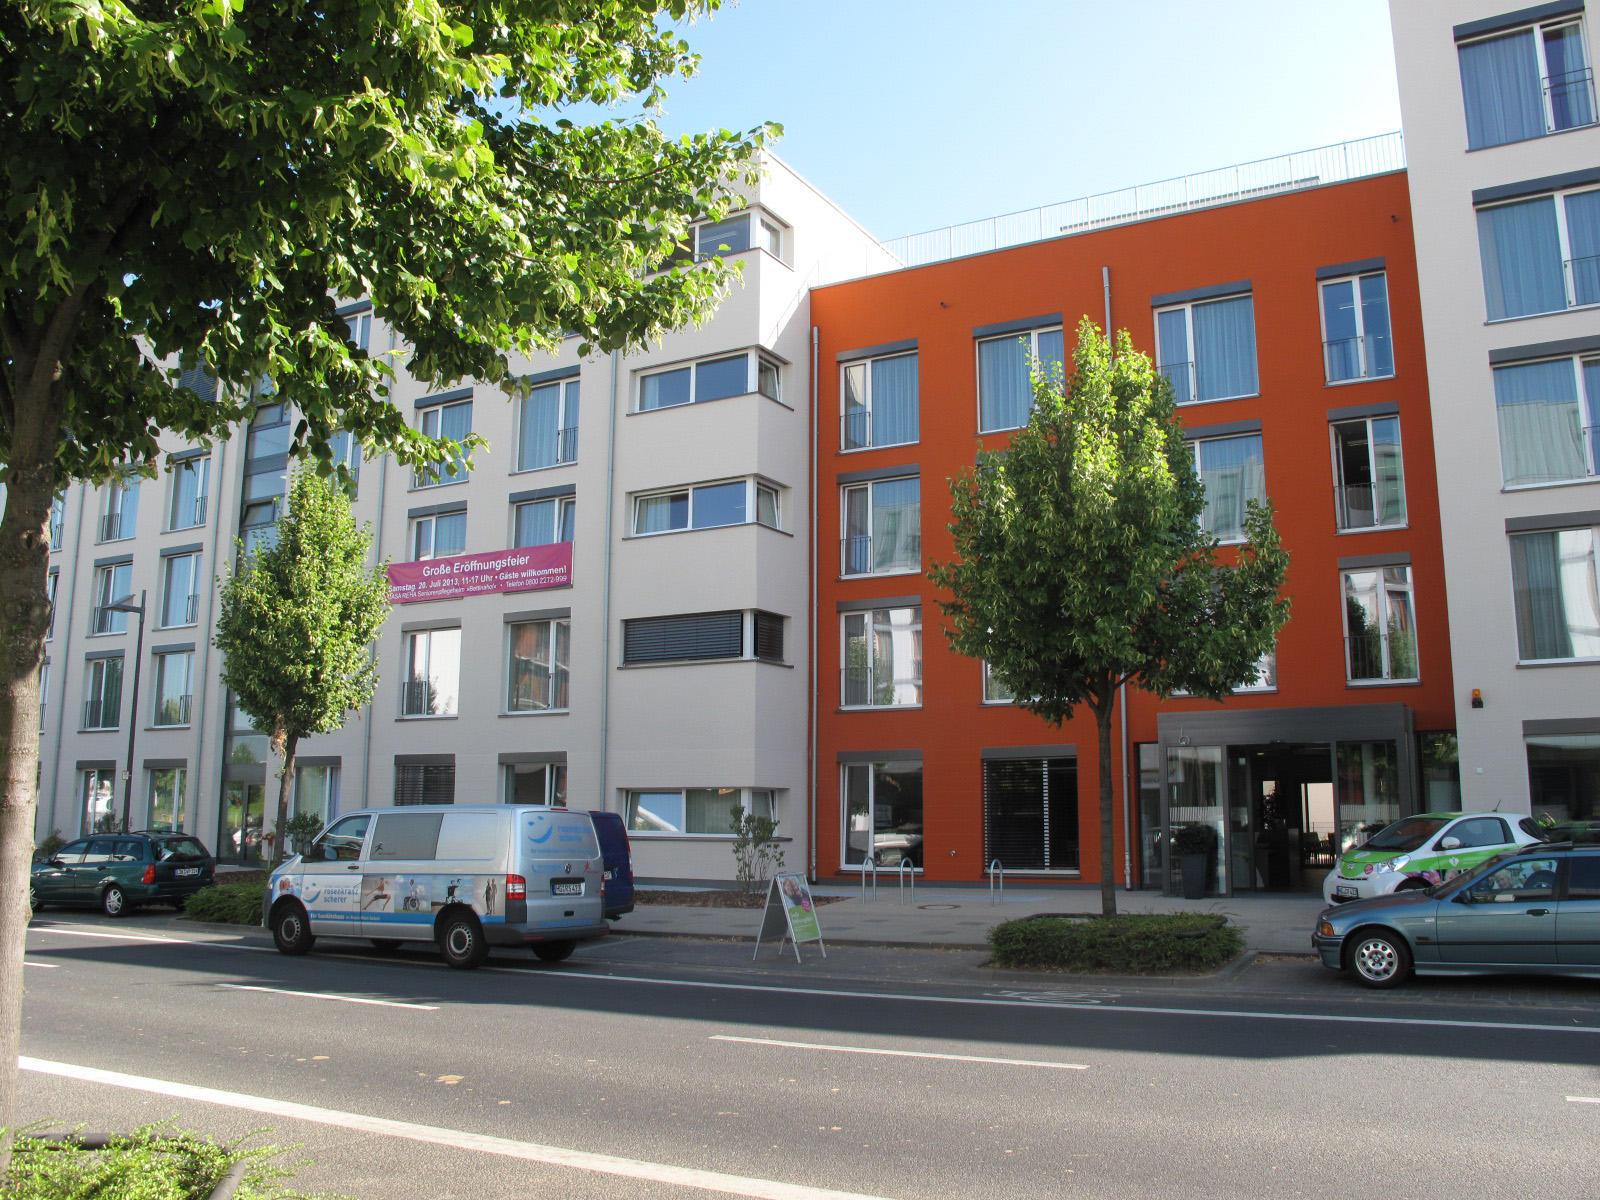 Haus der Betreuung und Pflege Bettinahof